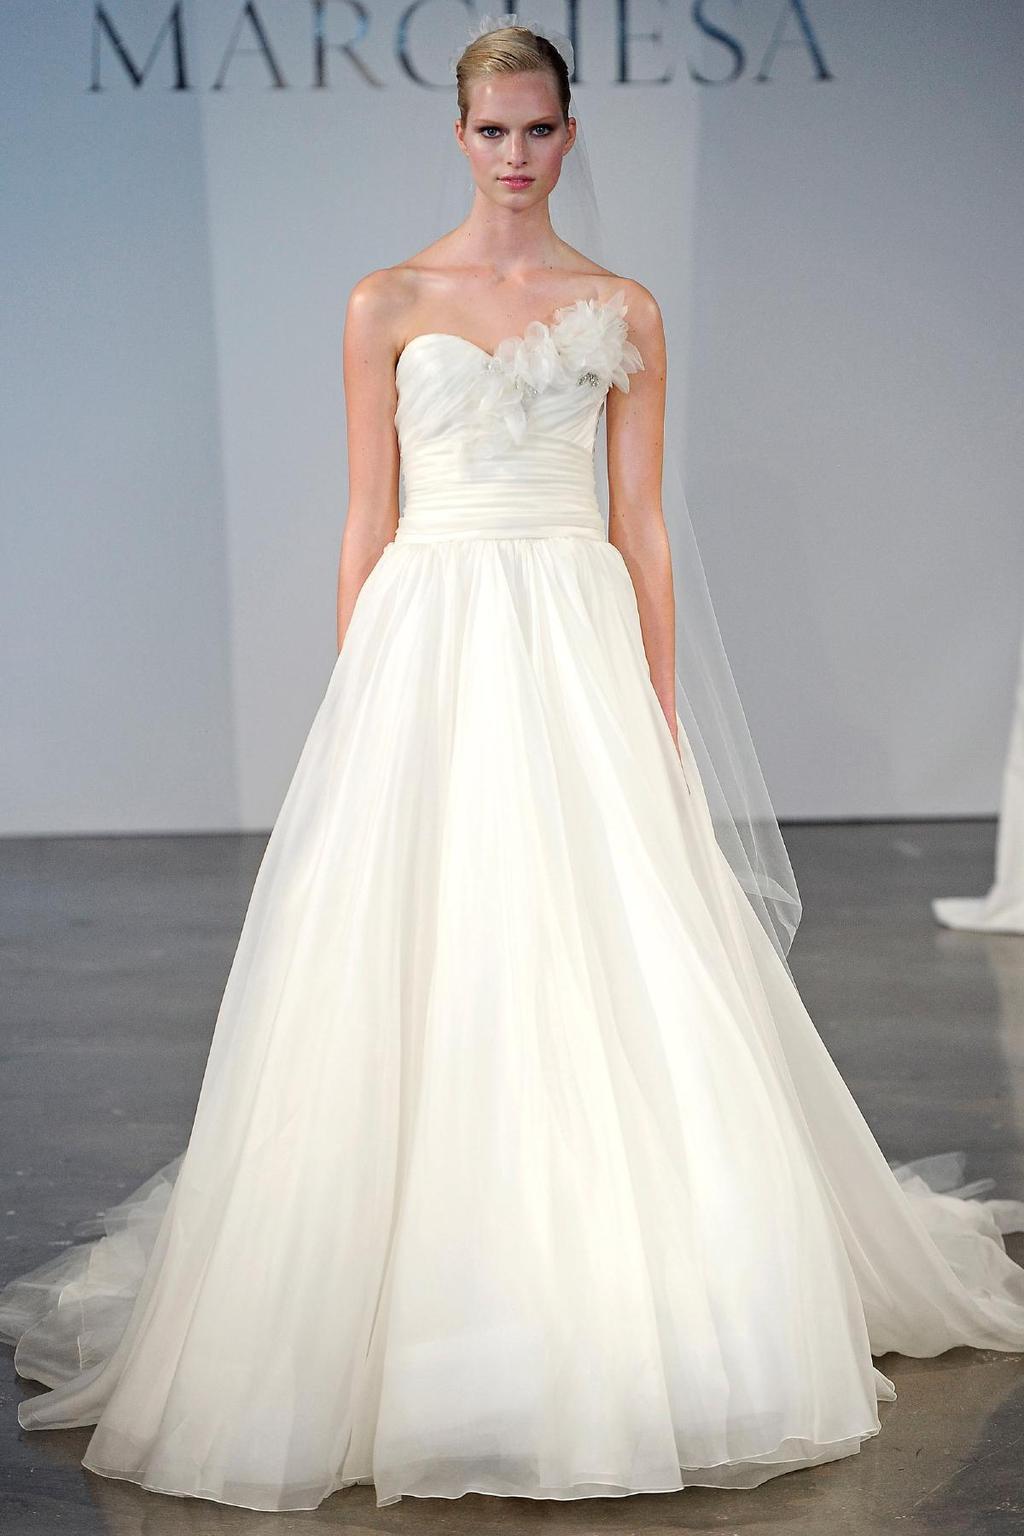 Marchesa-wedding-dress-spring-2014-bridal-1.full